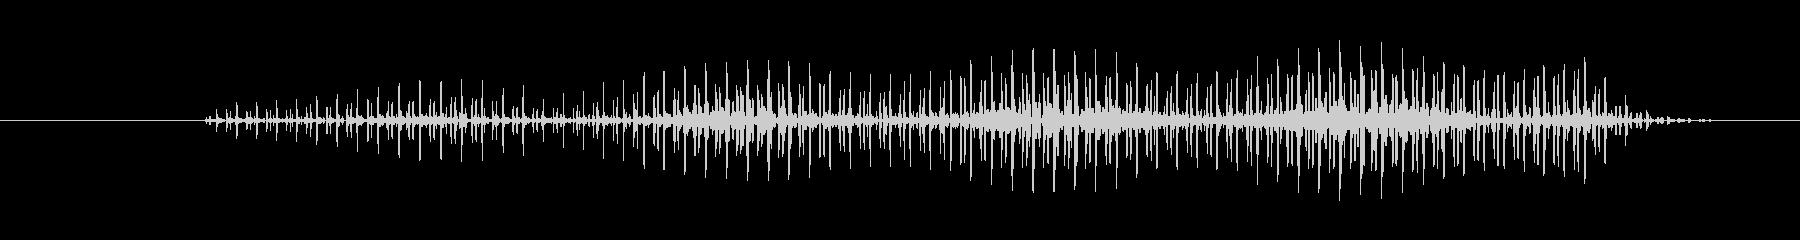 FI 実用性 スキャナーウォブルミ...の未再生の波形